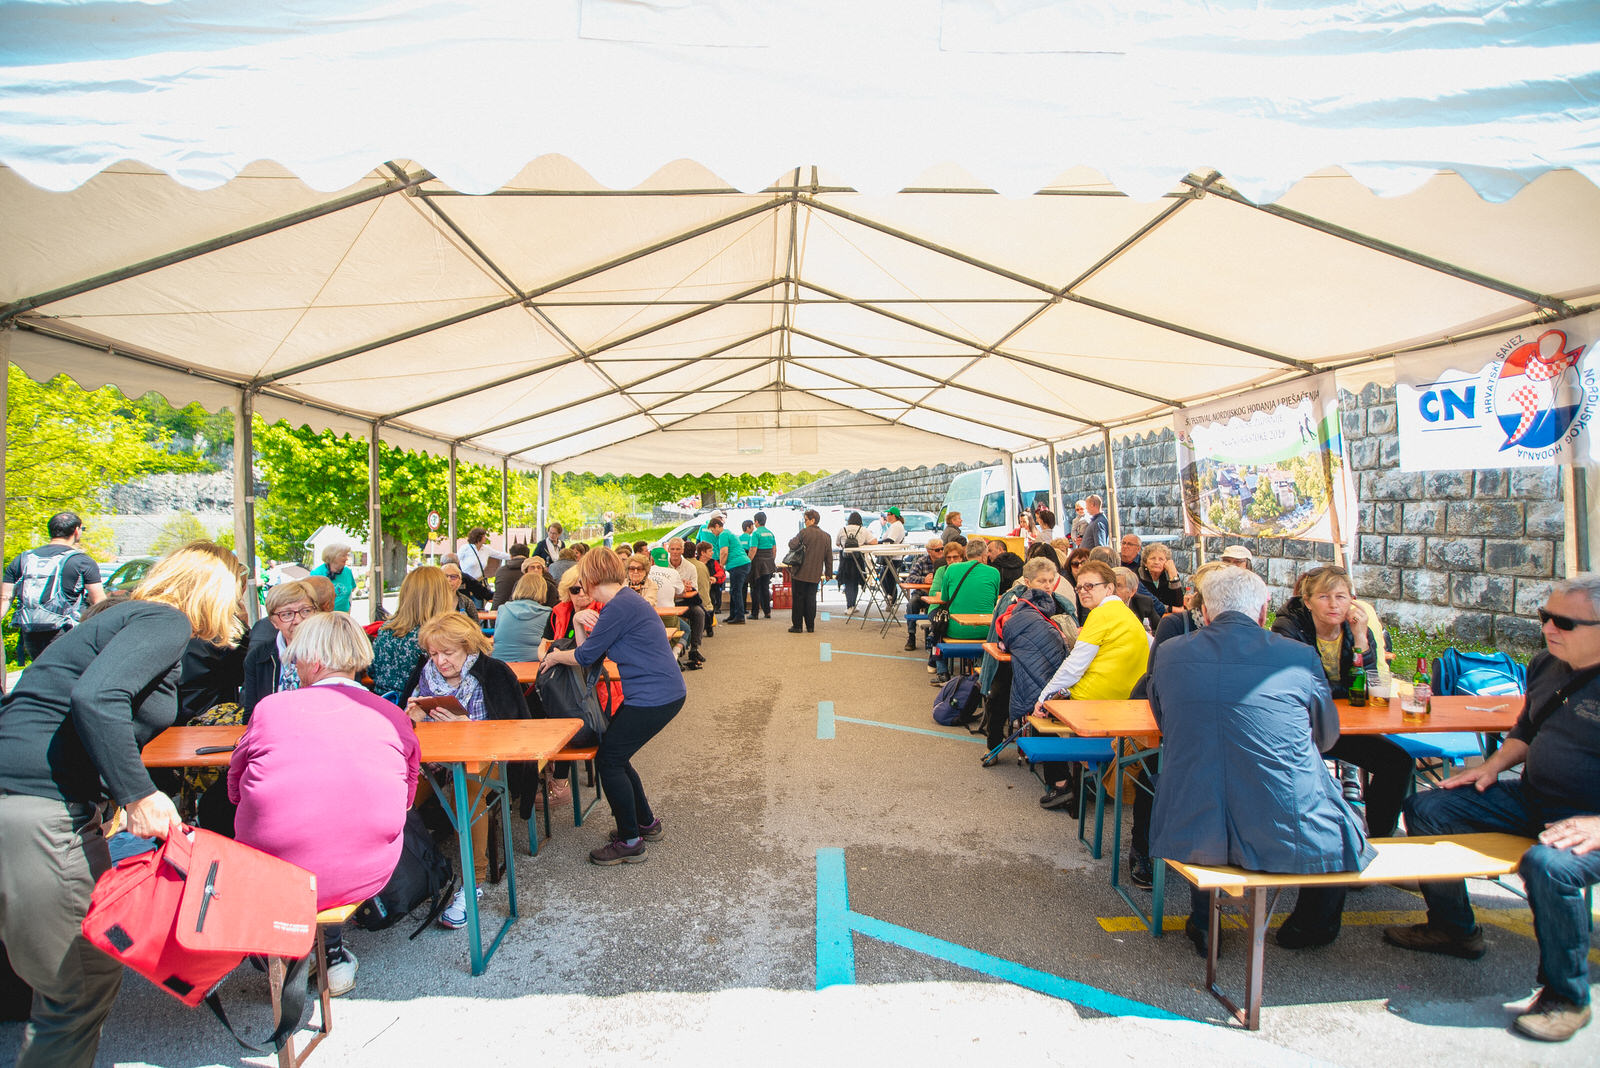 likaclub_slunj_rastoke_5-festival-nordijskog-hodanja_2019-91